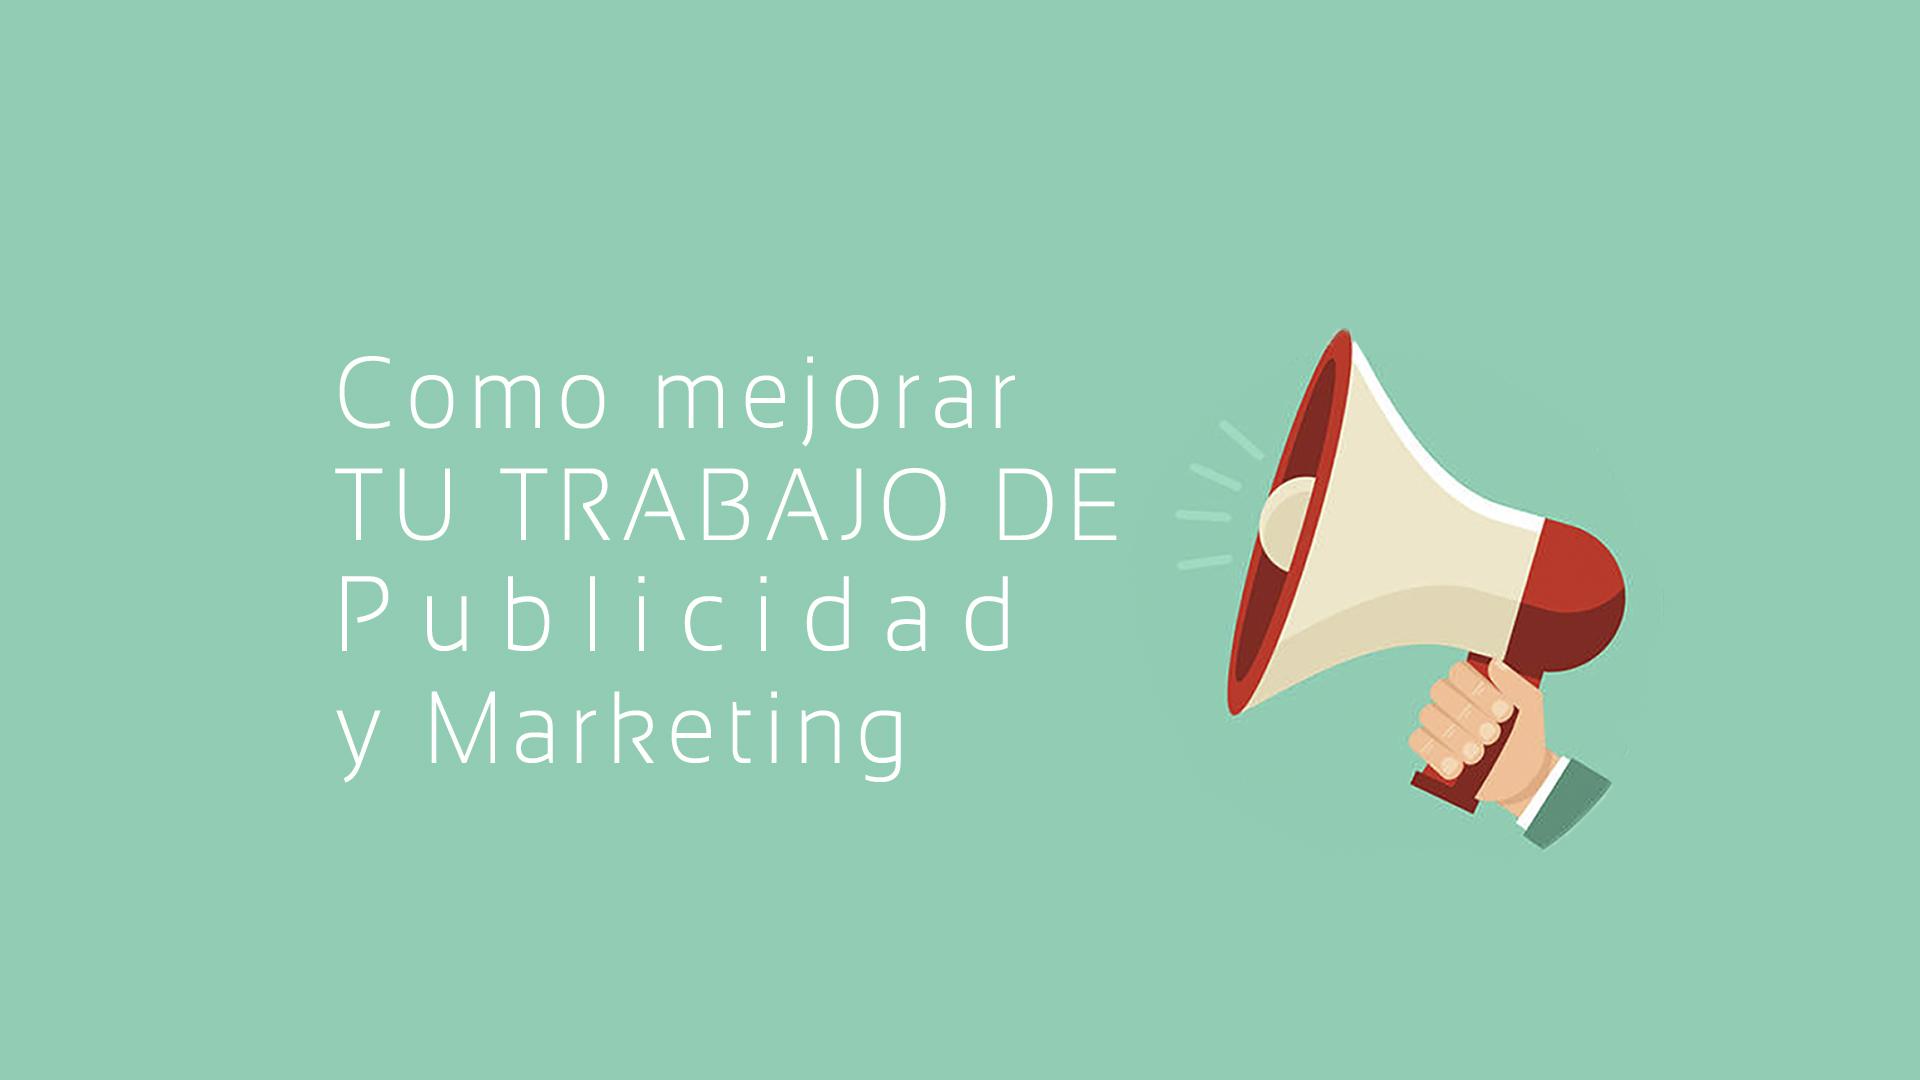 Como mejorar tu trabajo de publicidad y marketing